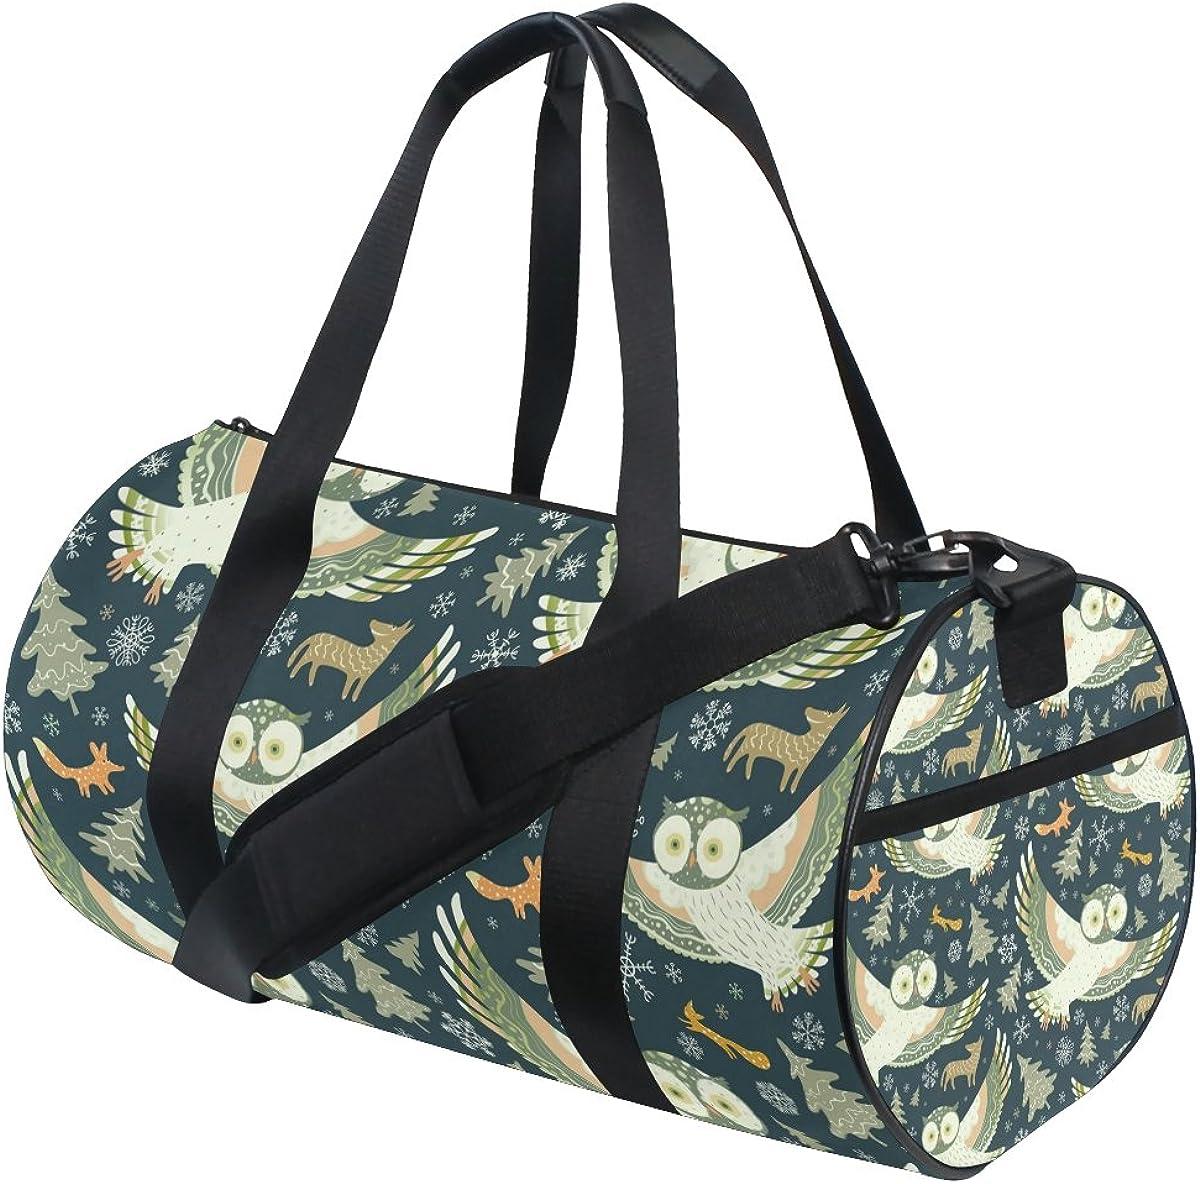 Evolutions Trendsetter Owl Travel Duffel Bag Sports Gym Bag For Men /& Women